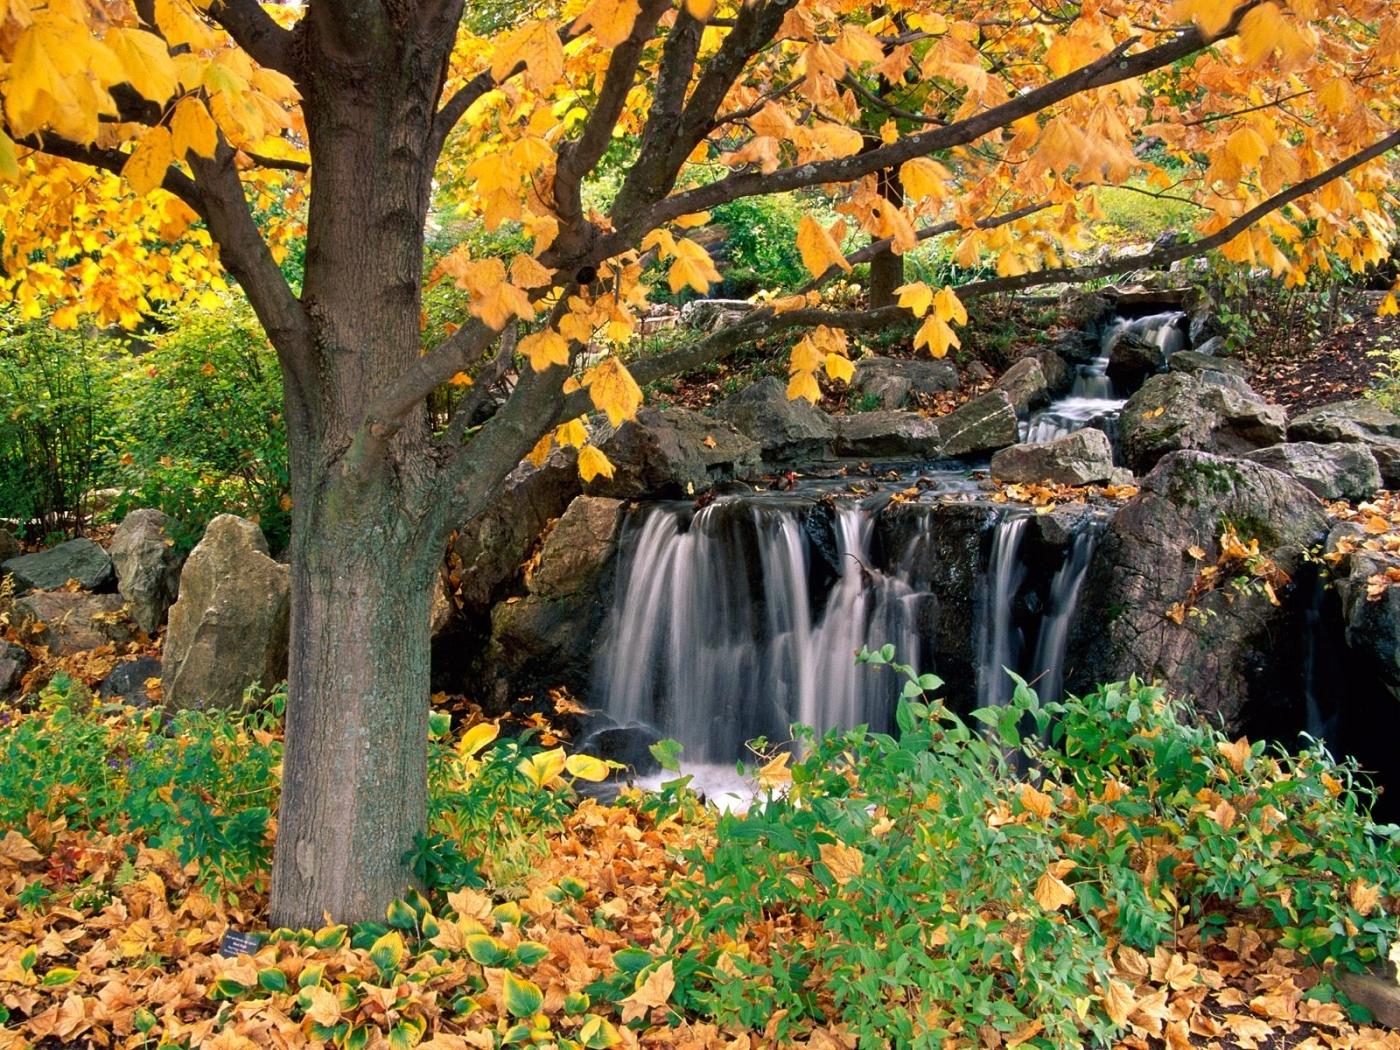 31882 Заставки и Обои Водопады на телефон. Скачать Водопады, Пейзаж, Деревья, Осень картинки бесплатно